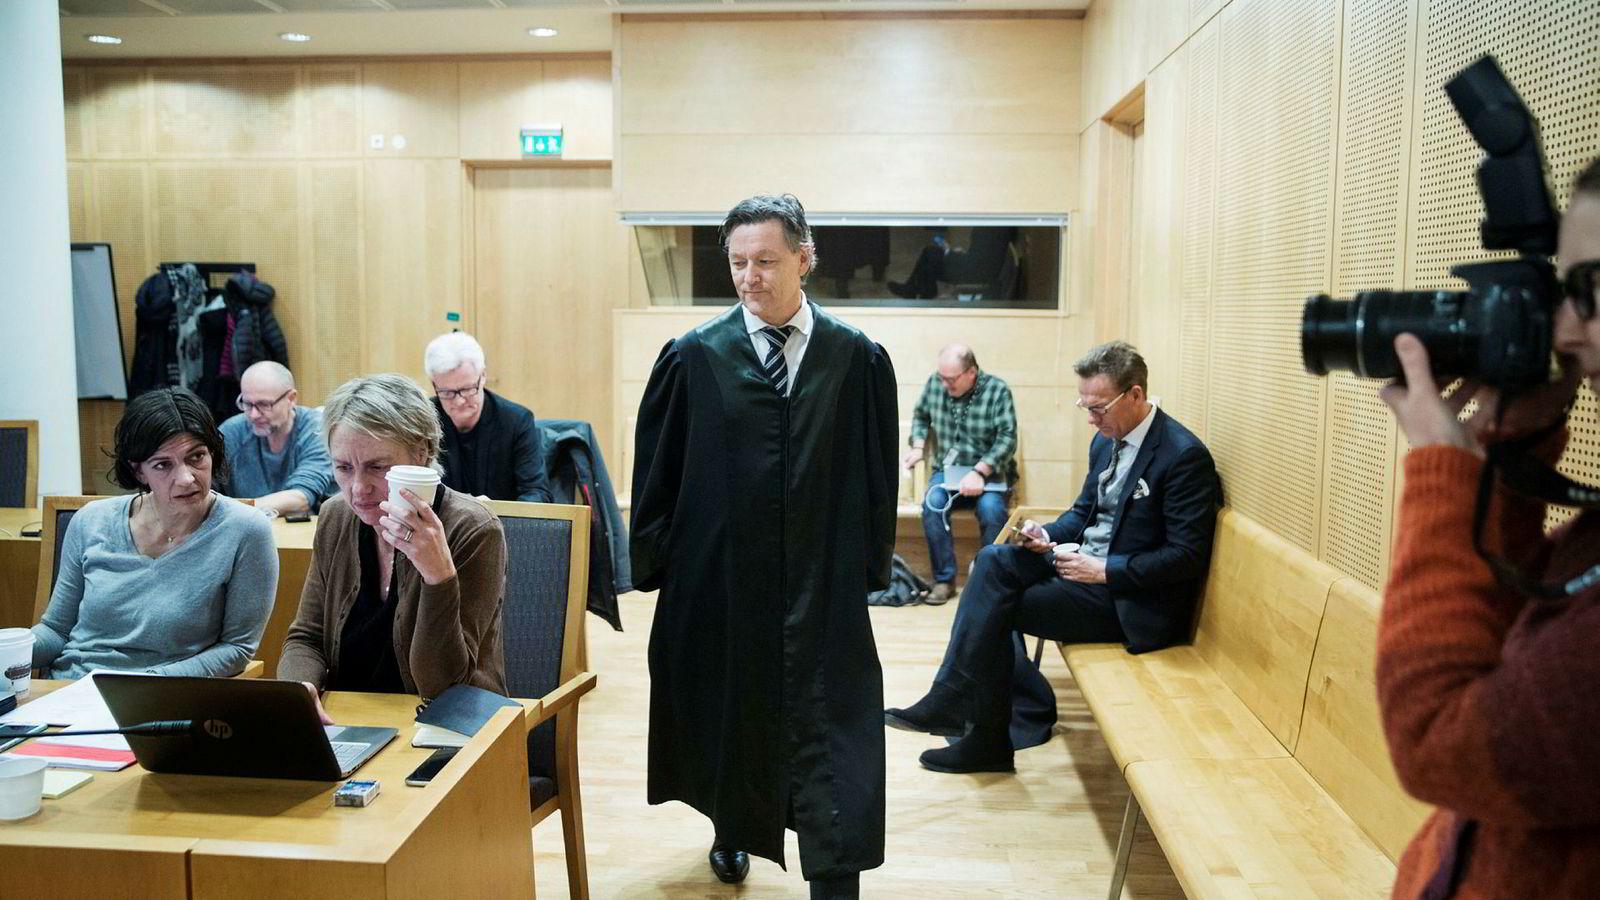 Advokat Kjetil Edvardsen, som representerer saksøkerne i saken mot Aleris, beskyldte i sin innledning Aleris for grov arbeidskriminalitet gjennom sin utstrakte bruk av selvstendig næringsdrivende konsulenter fremfor fast ansatte.